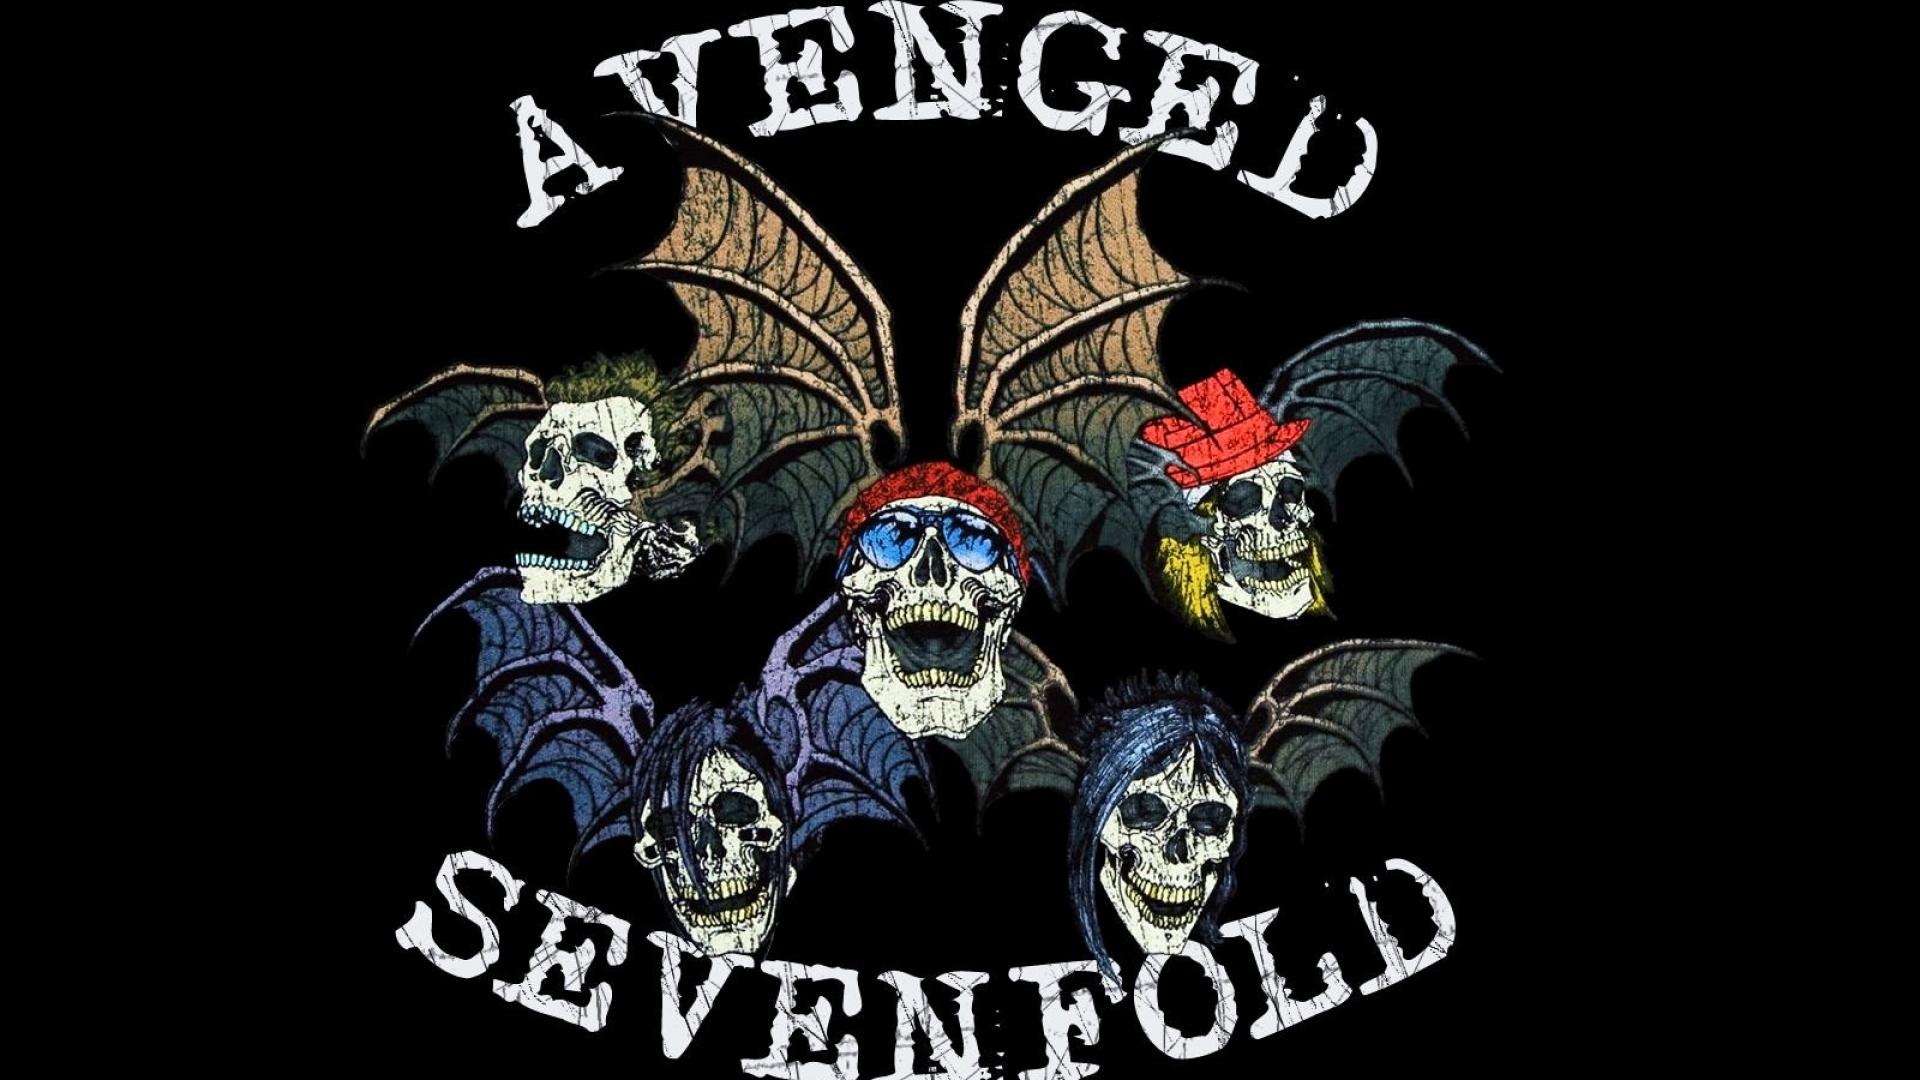 Avenged Sevenfold wallpaper 13595 1920x1080